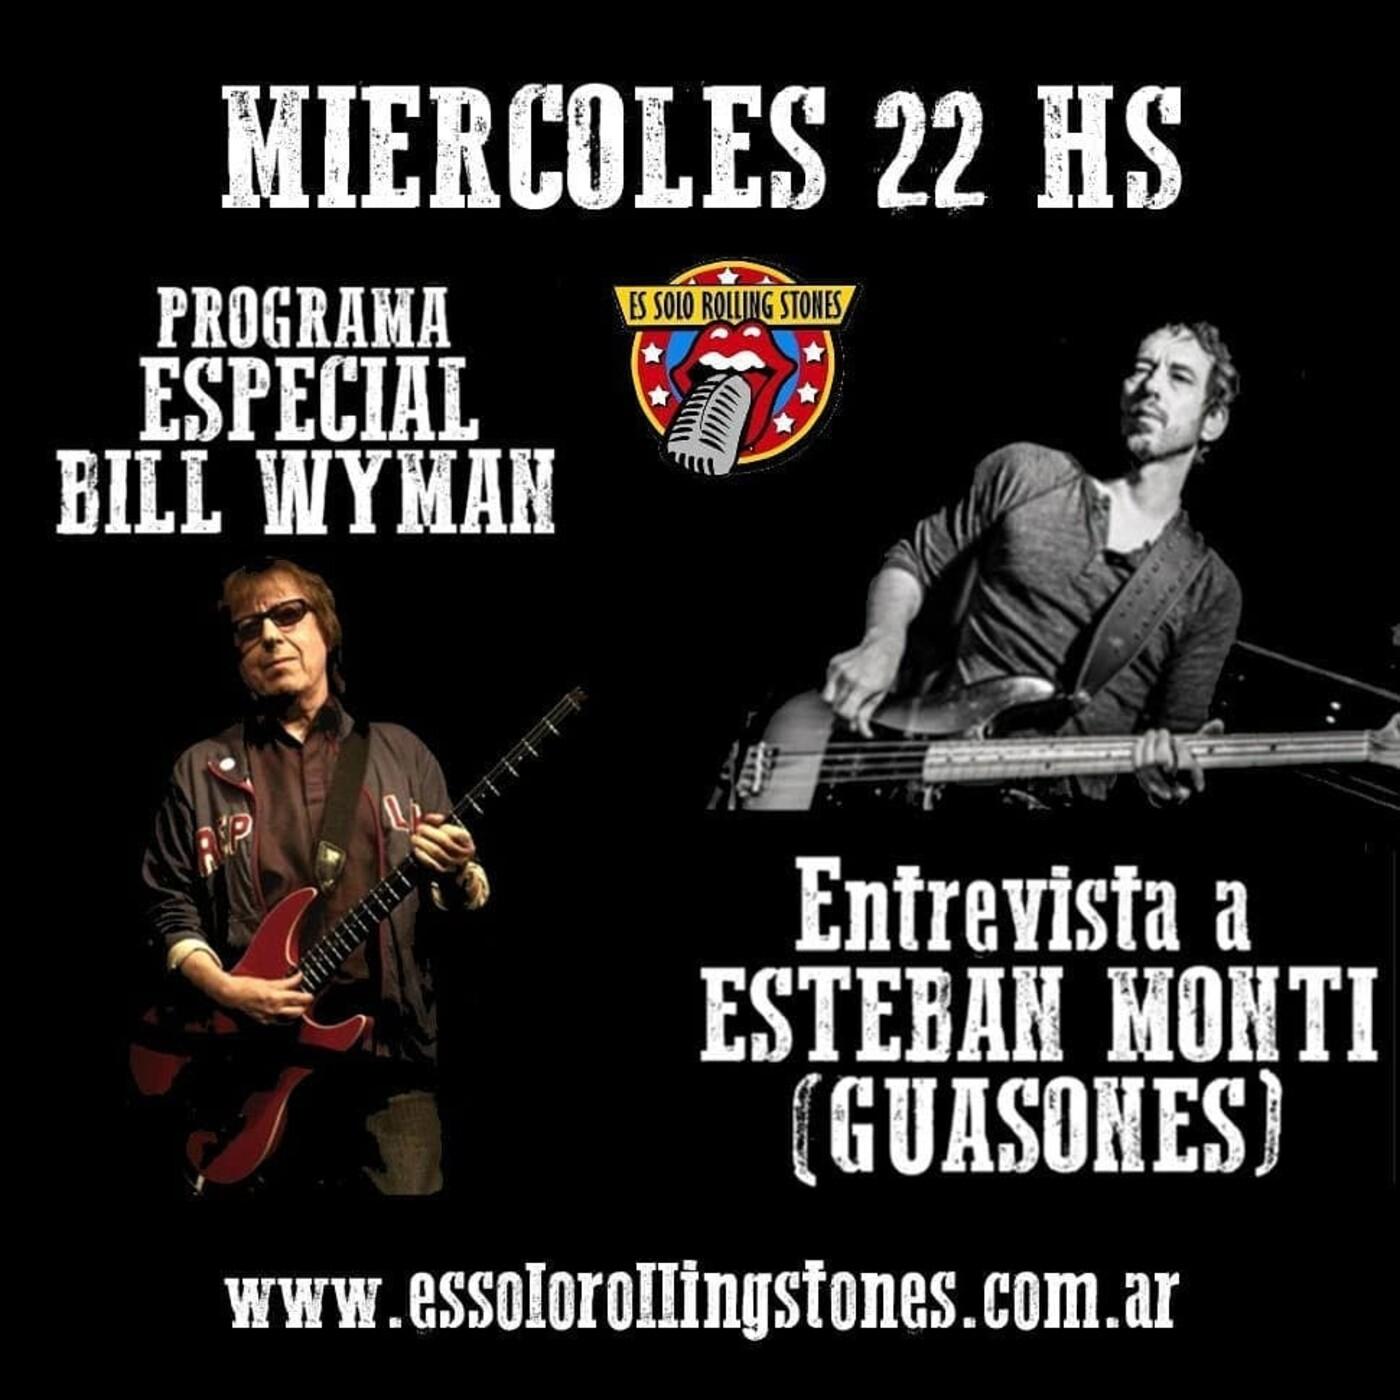 Especial Bill Wyman - entrevista a Esteban Monti (Guasones)